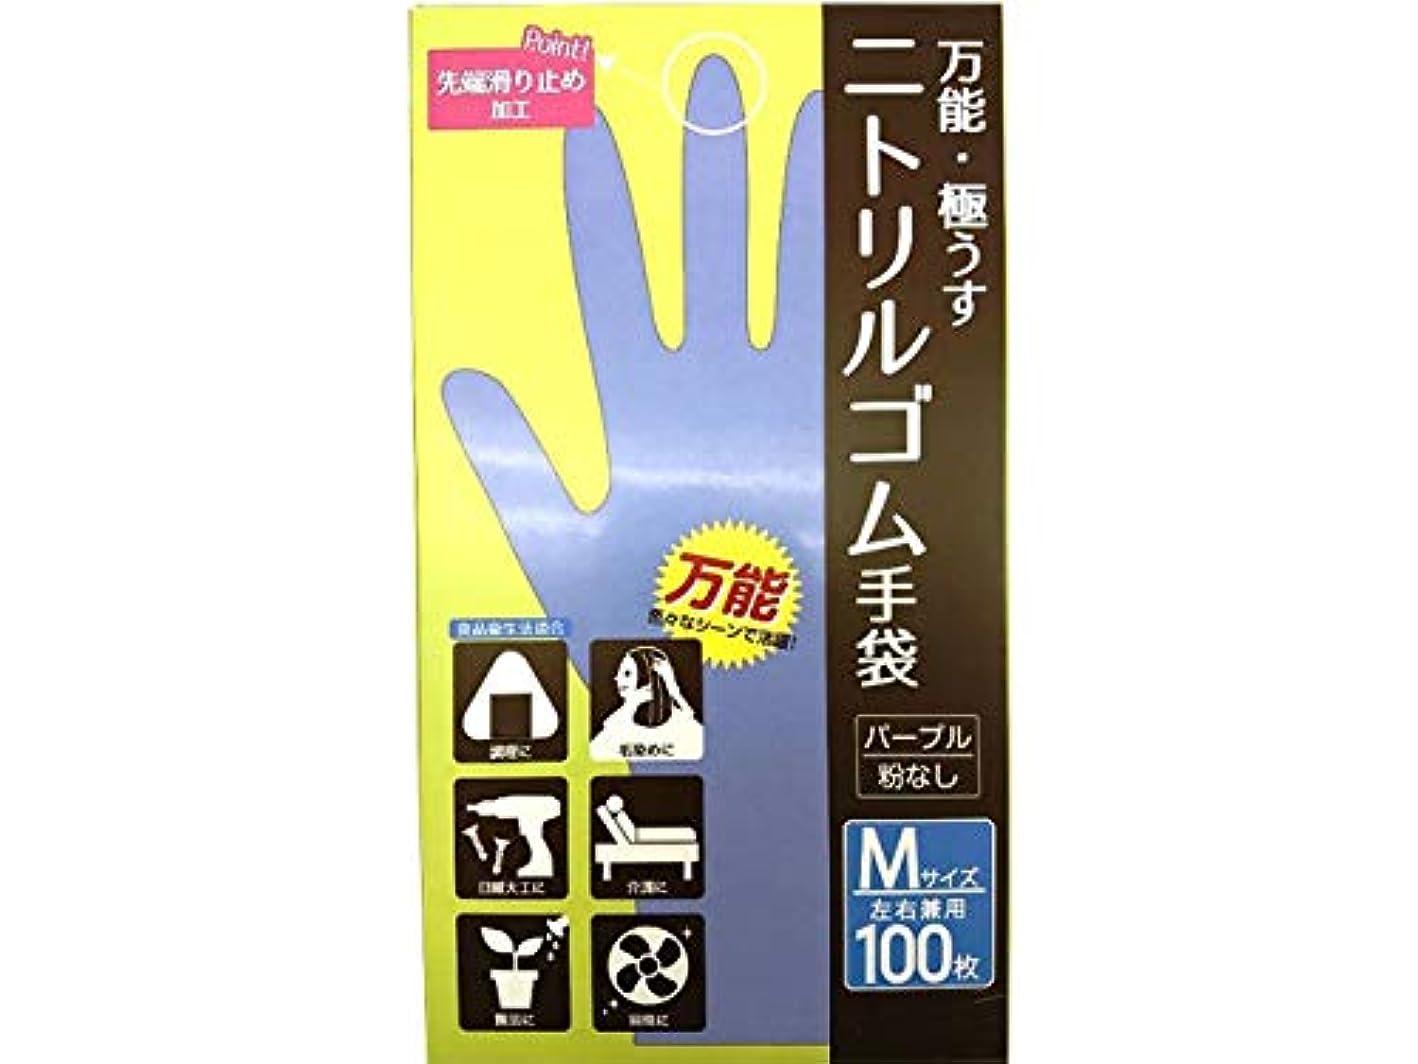 酸技術者プレートCS ニトリルゴム手袋 M 100P